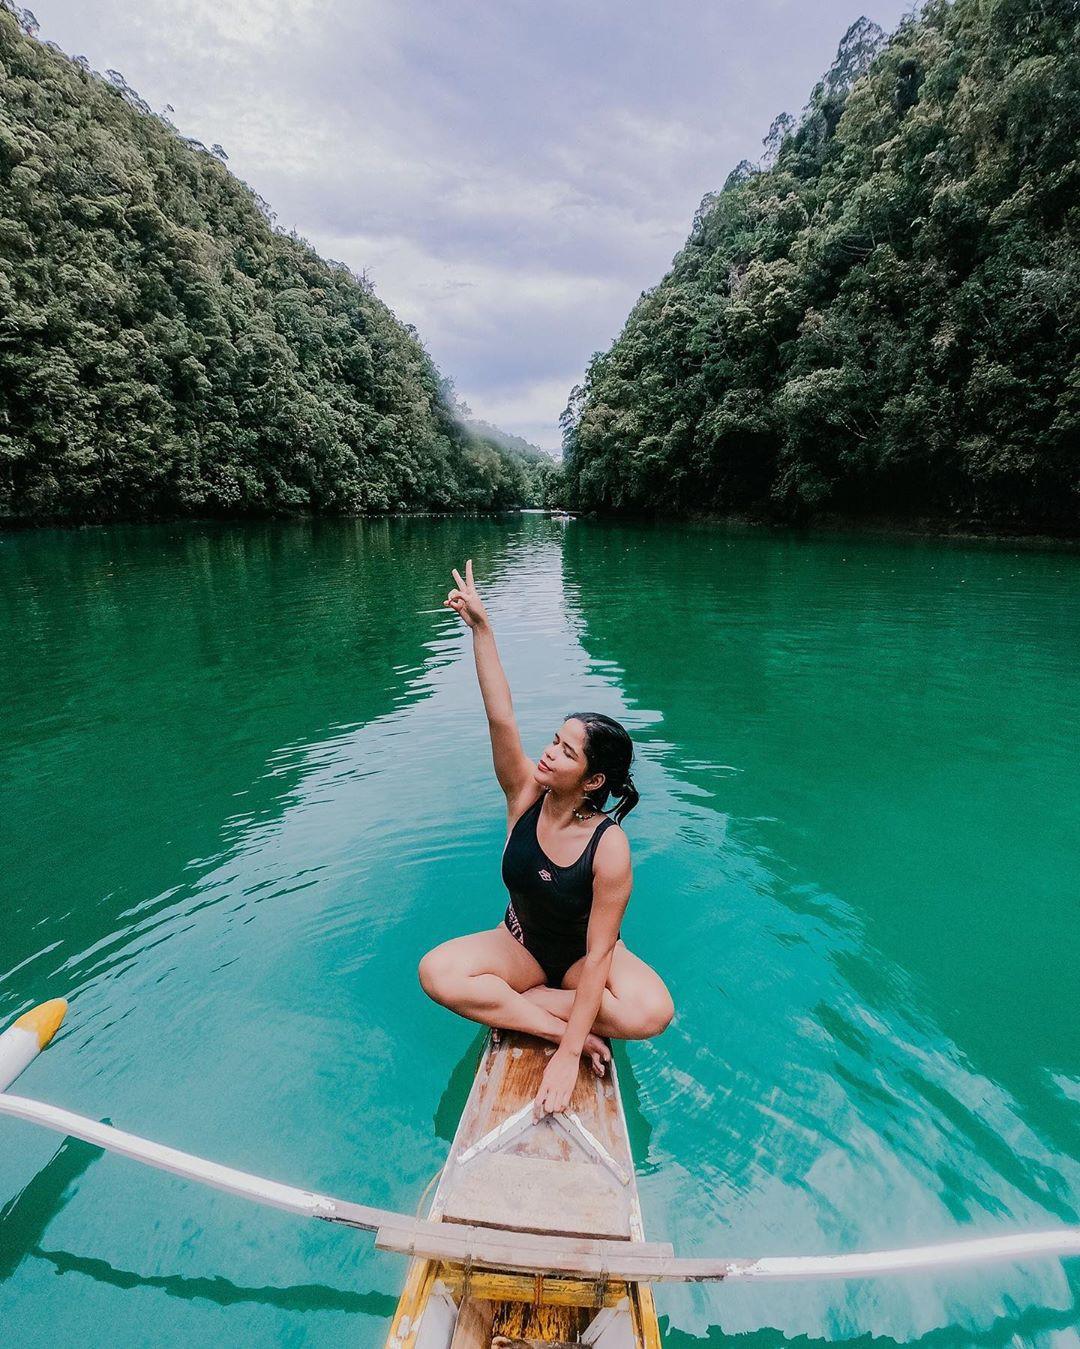 Vượt qua cả Bali và Hawaii, ốc đảo hình giọt nước kỳ lạ ở Philippines được tạp chí Mỹ bình chọn đẹp nhất thế giới - Ảnh 11.